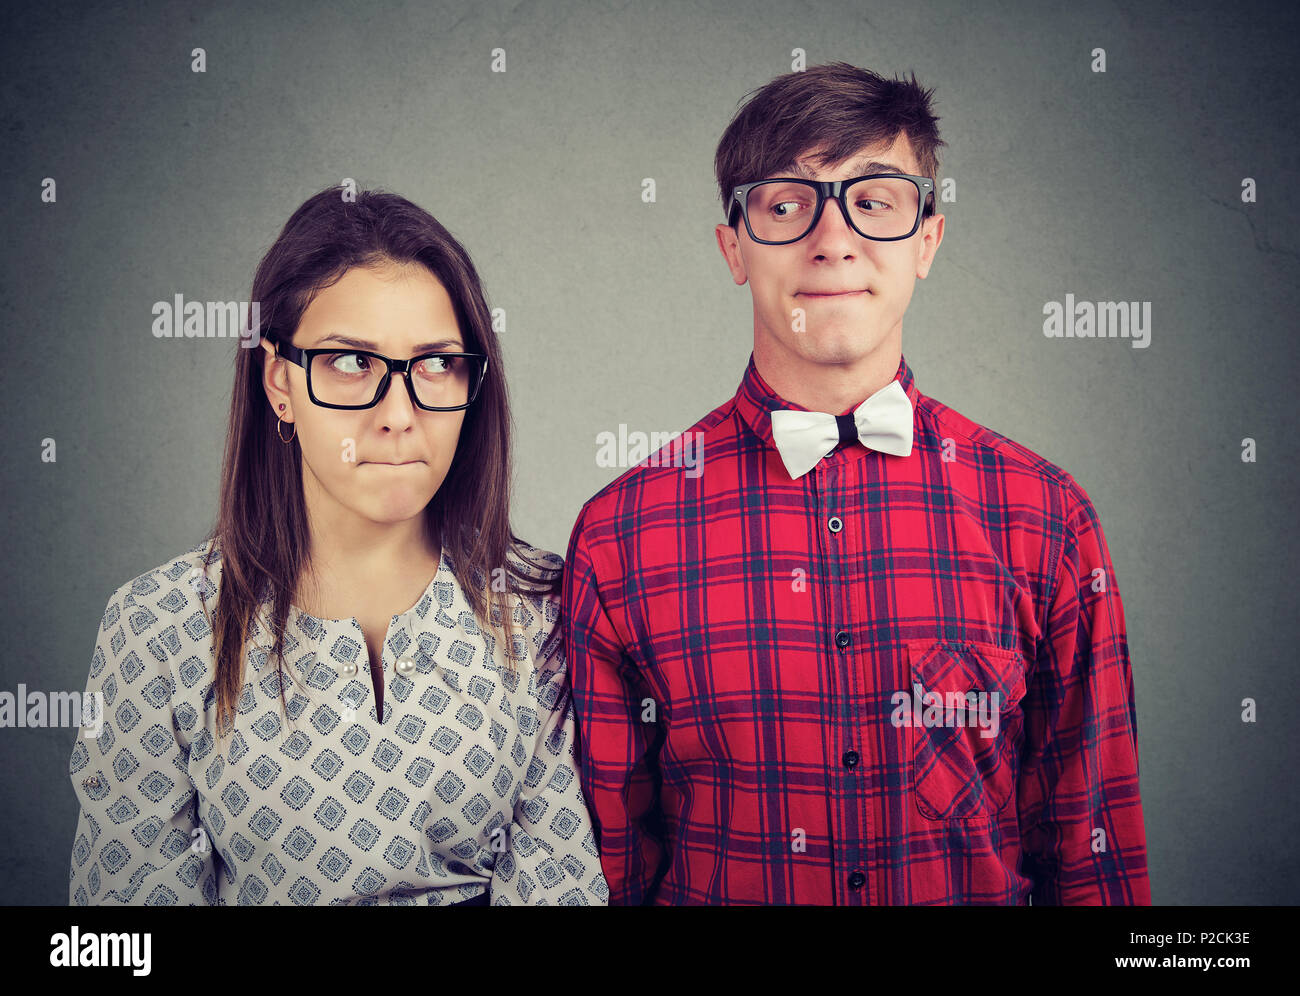 Giovane uomo e donna sulla data sensazione scomoda essendo in imbarazzo situazione Immagini Stock